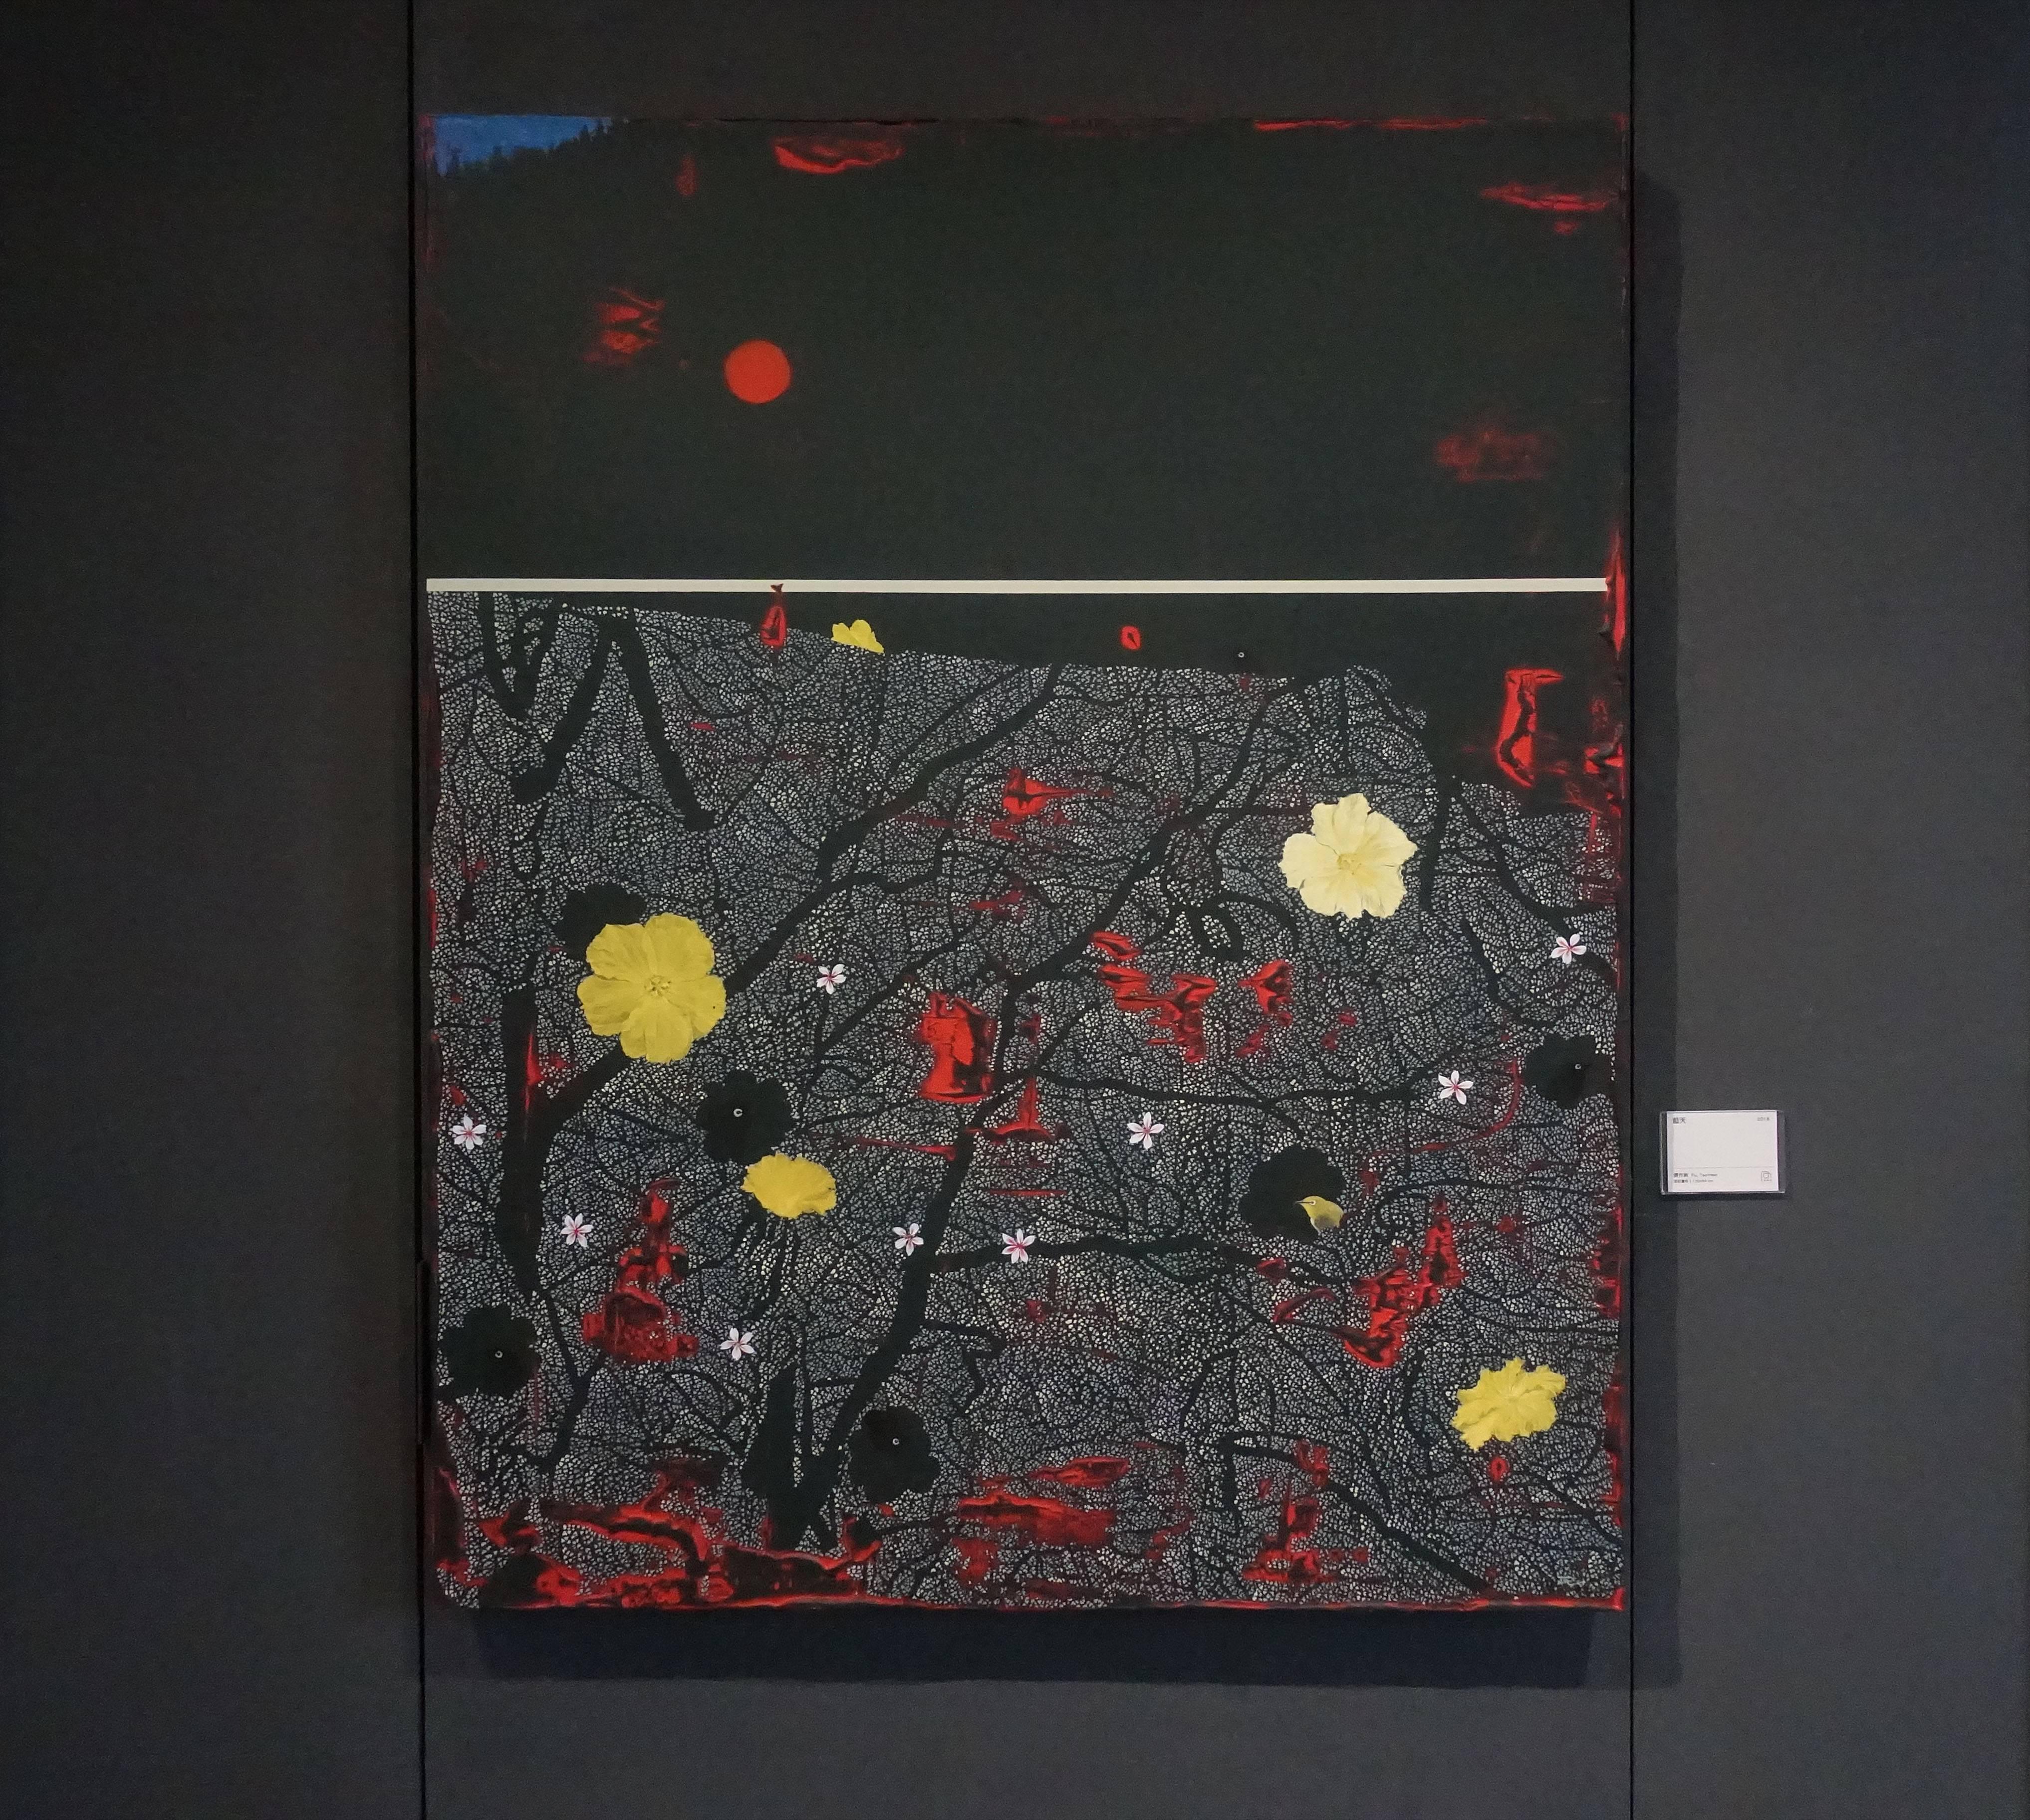 傅作新,《藍天》,油彩畫布,2018。